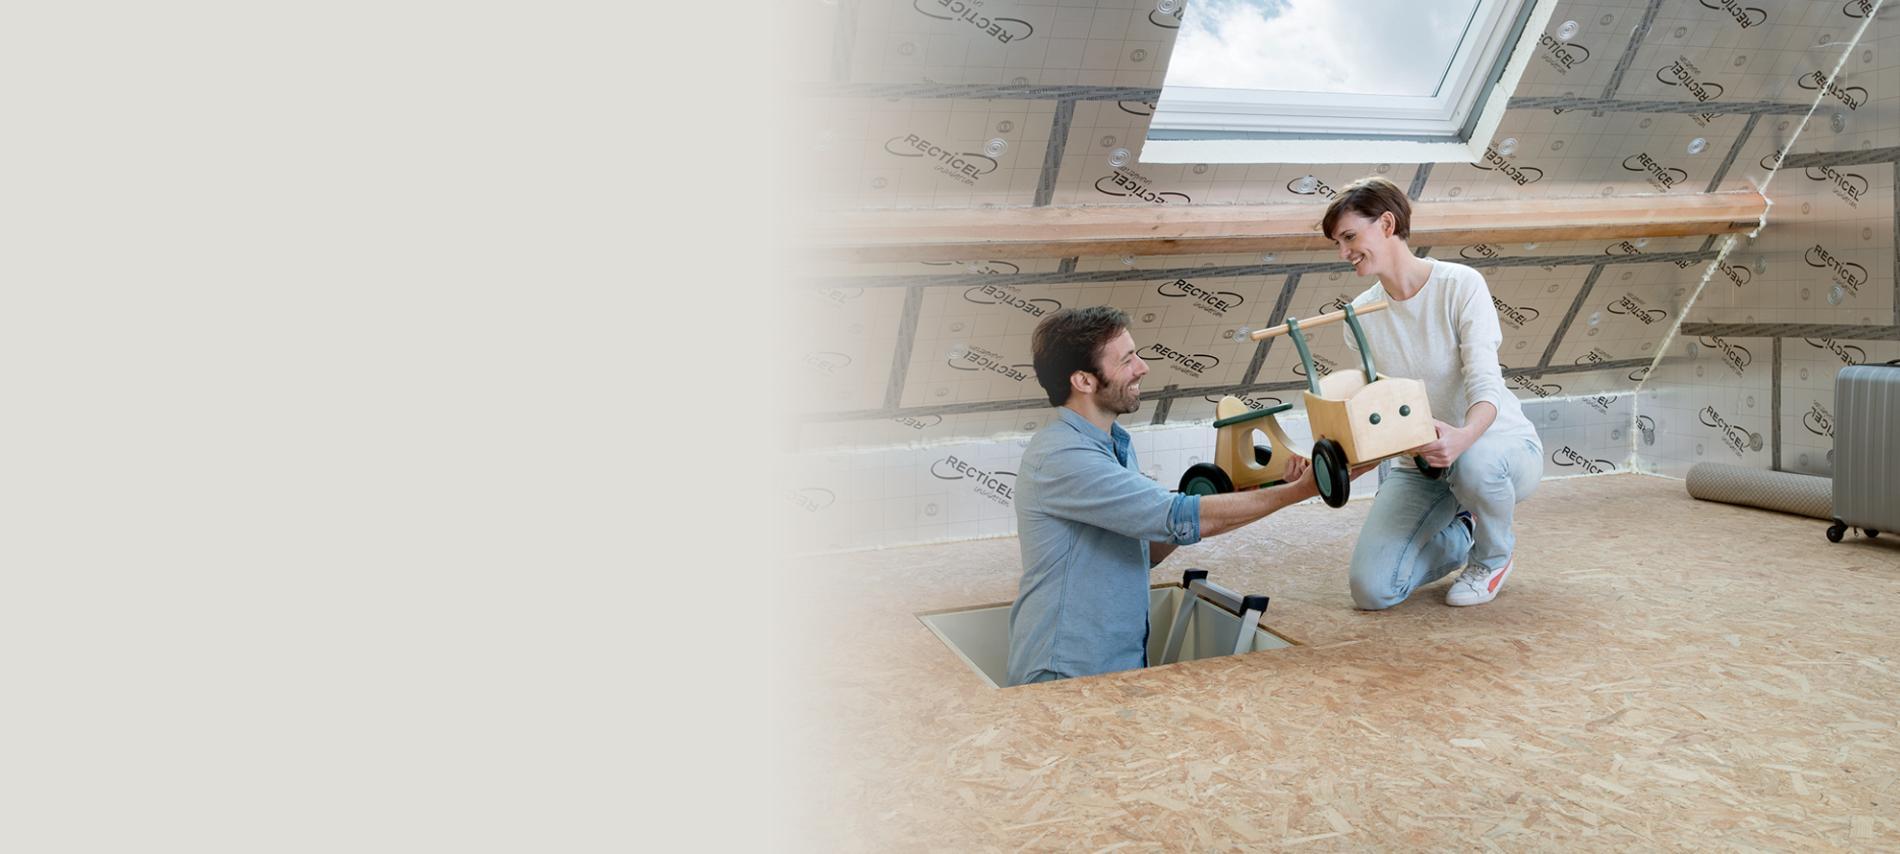 home recticel insulation. Black Bedroom Furniture Sets. Home Design Ideas